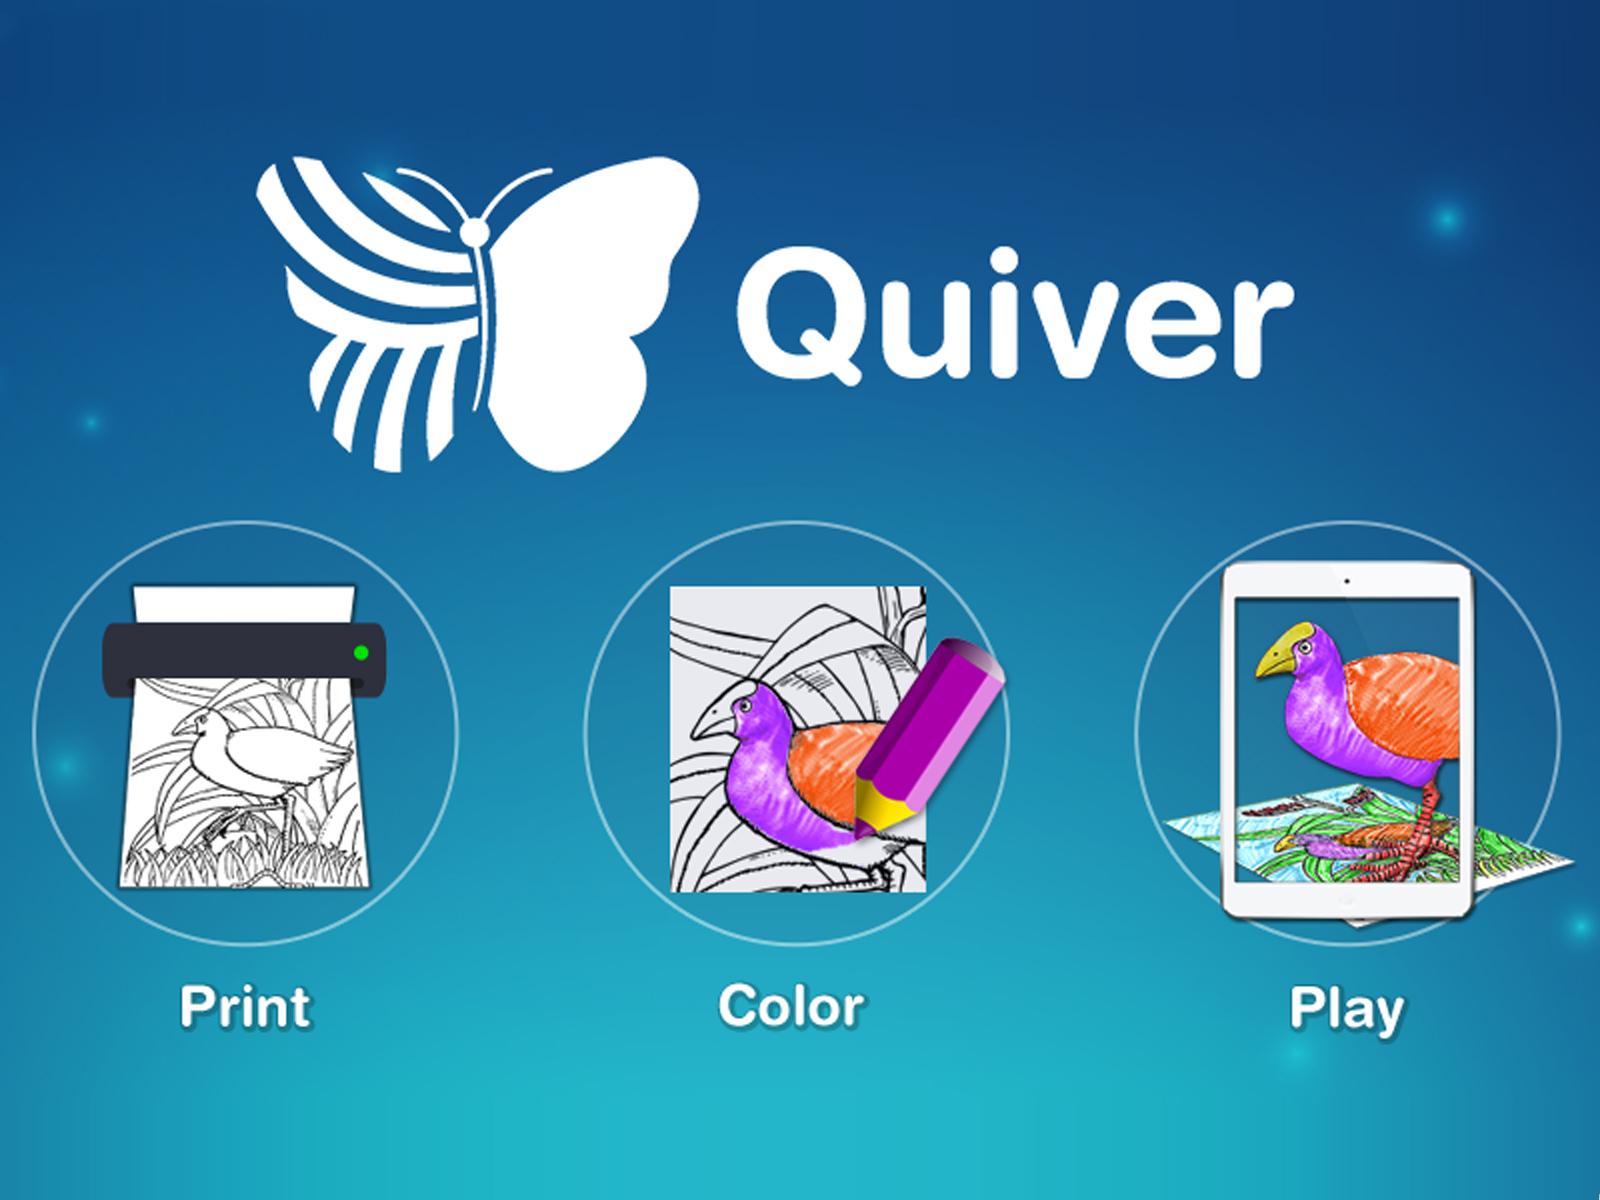 Quiver Artırılmış Gerçeklik Uygulaması ile Canlanan Resim Örnekleri